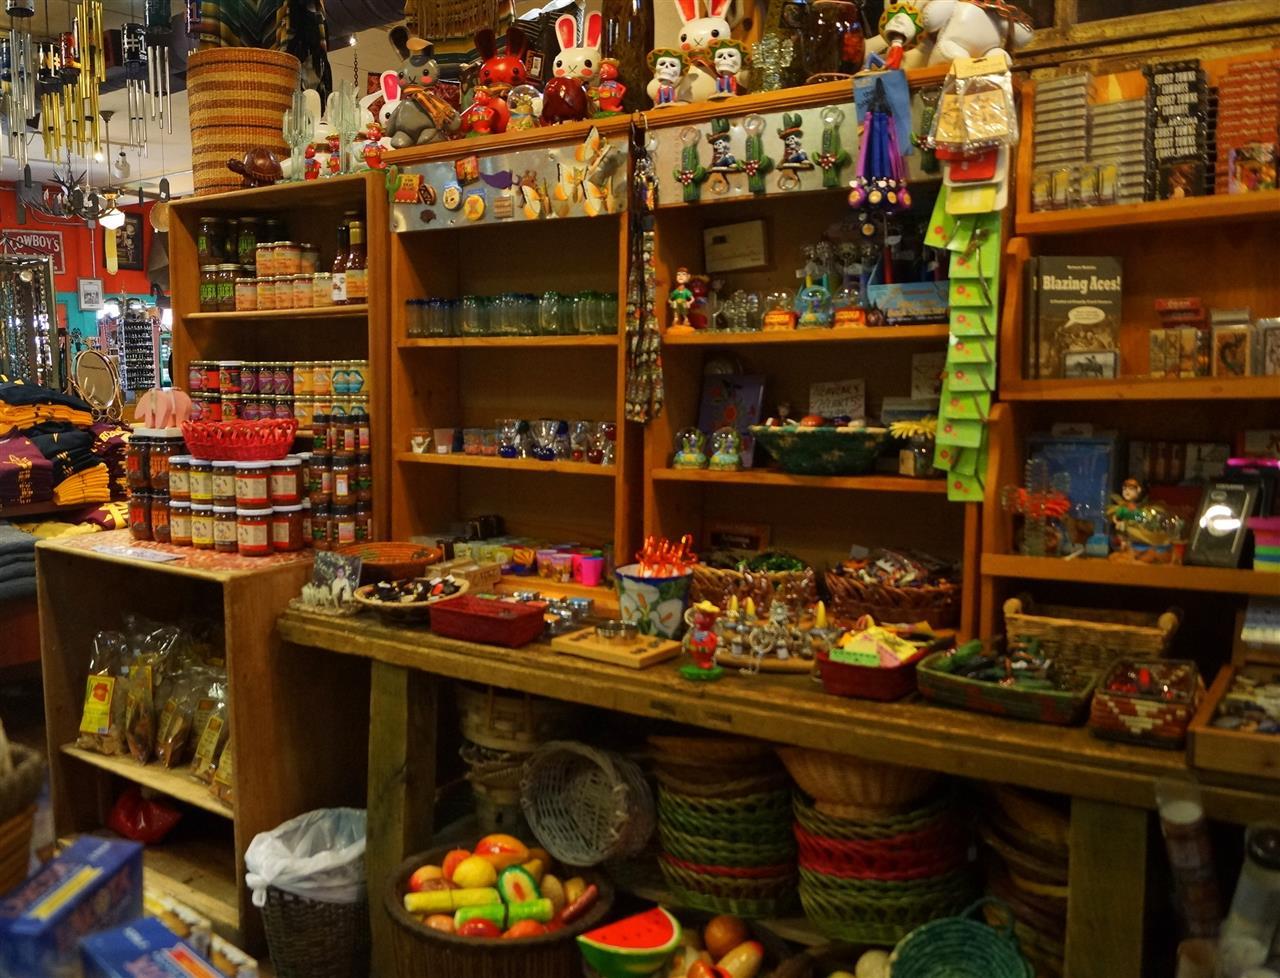 Tourist treasures at Bischoffs of the West  Scottsdale, AZ